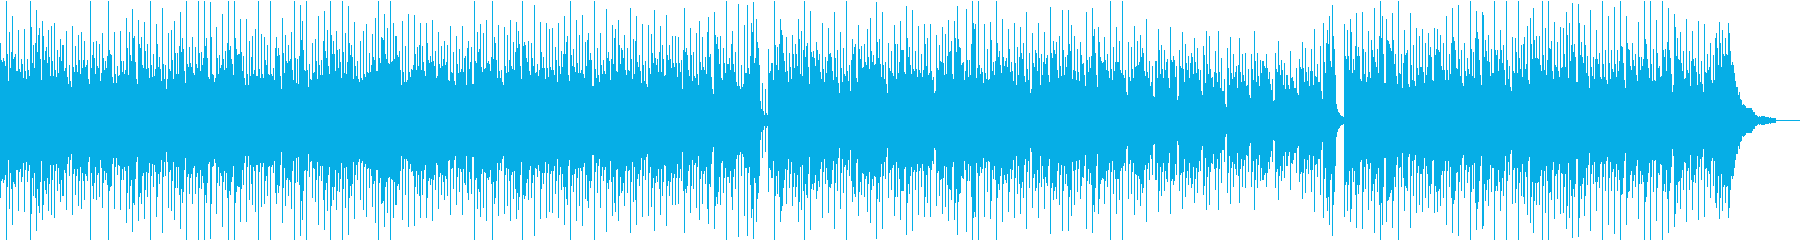 アコギ・ゆるい・のんびり・日常の再生済みの波形